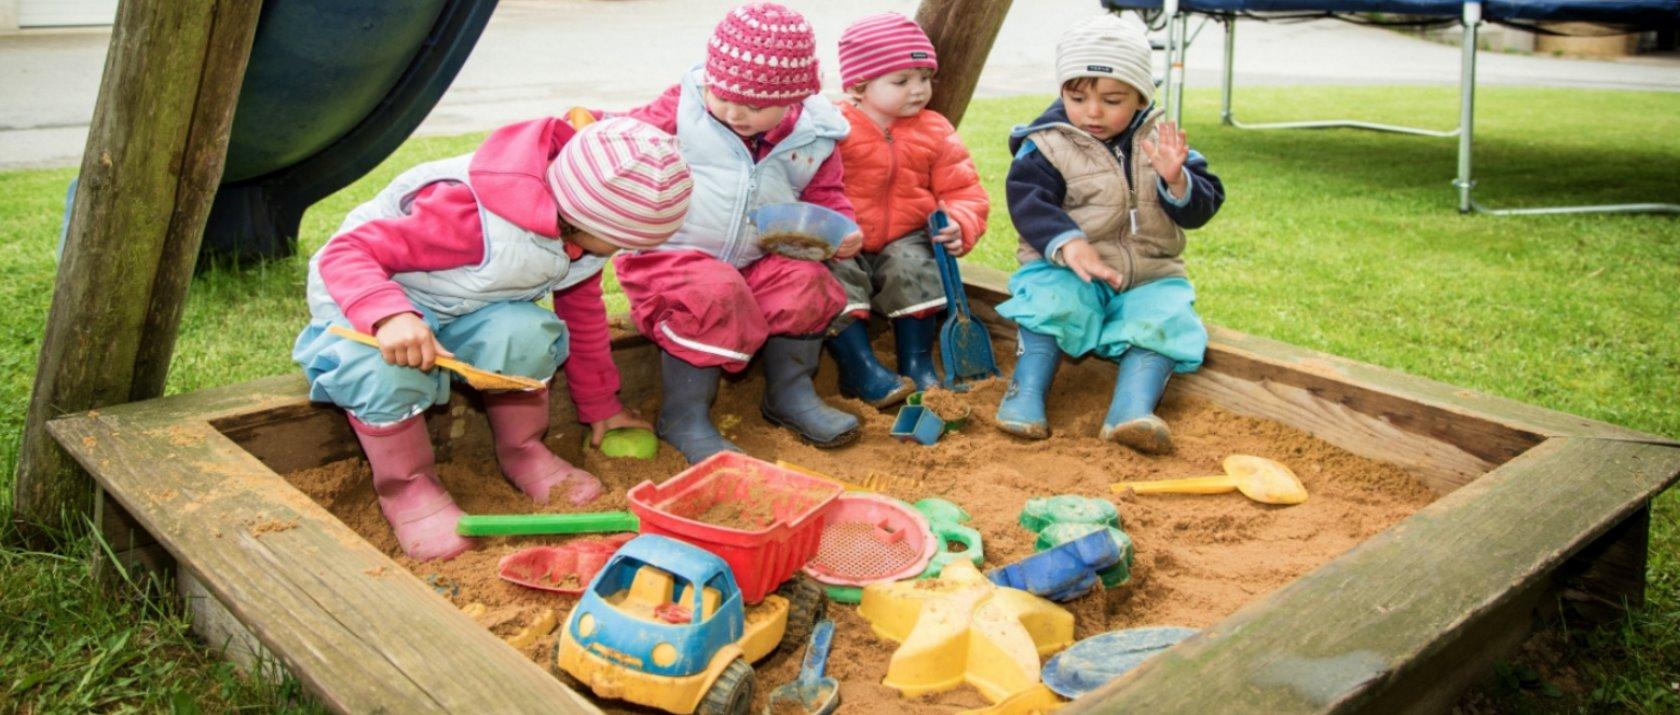 guthof-bauernhof-kinderspielplatz